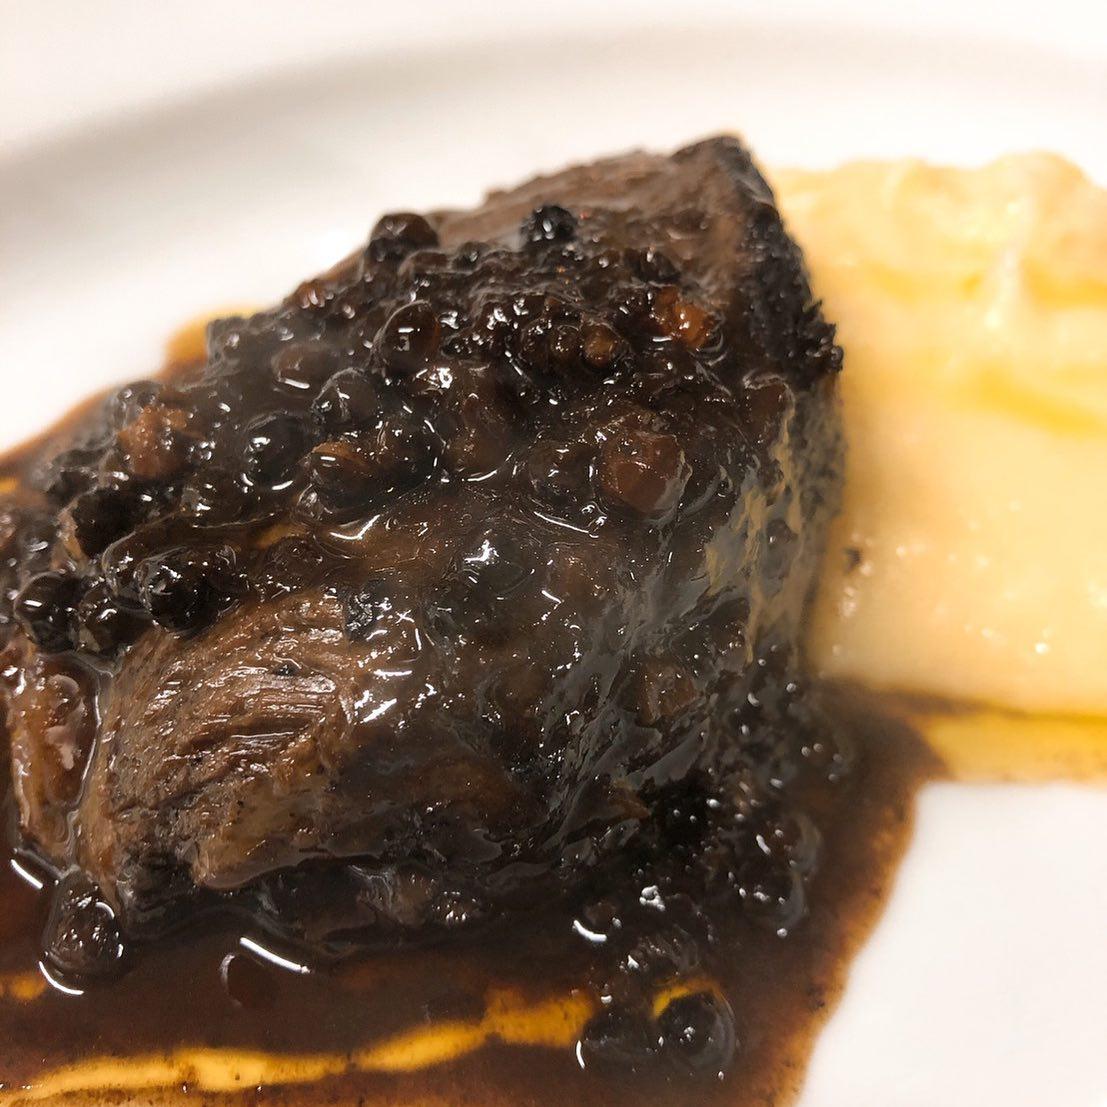 牛ホホ肉の黒胡椒煮込み 赤ワイン、香味野菜、粒黒胡椒と一緒にとろとろになるまで煮込んだホホ肉は間違いなし 黒胡椒も柔らかくなっているので噛めばピリッとクセになる味わいです  本日金曜日は貸切営業となります。 明日、土曜日はまだお席ありますのでご予約お待ちしています🏻